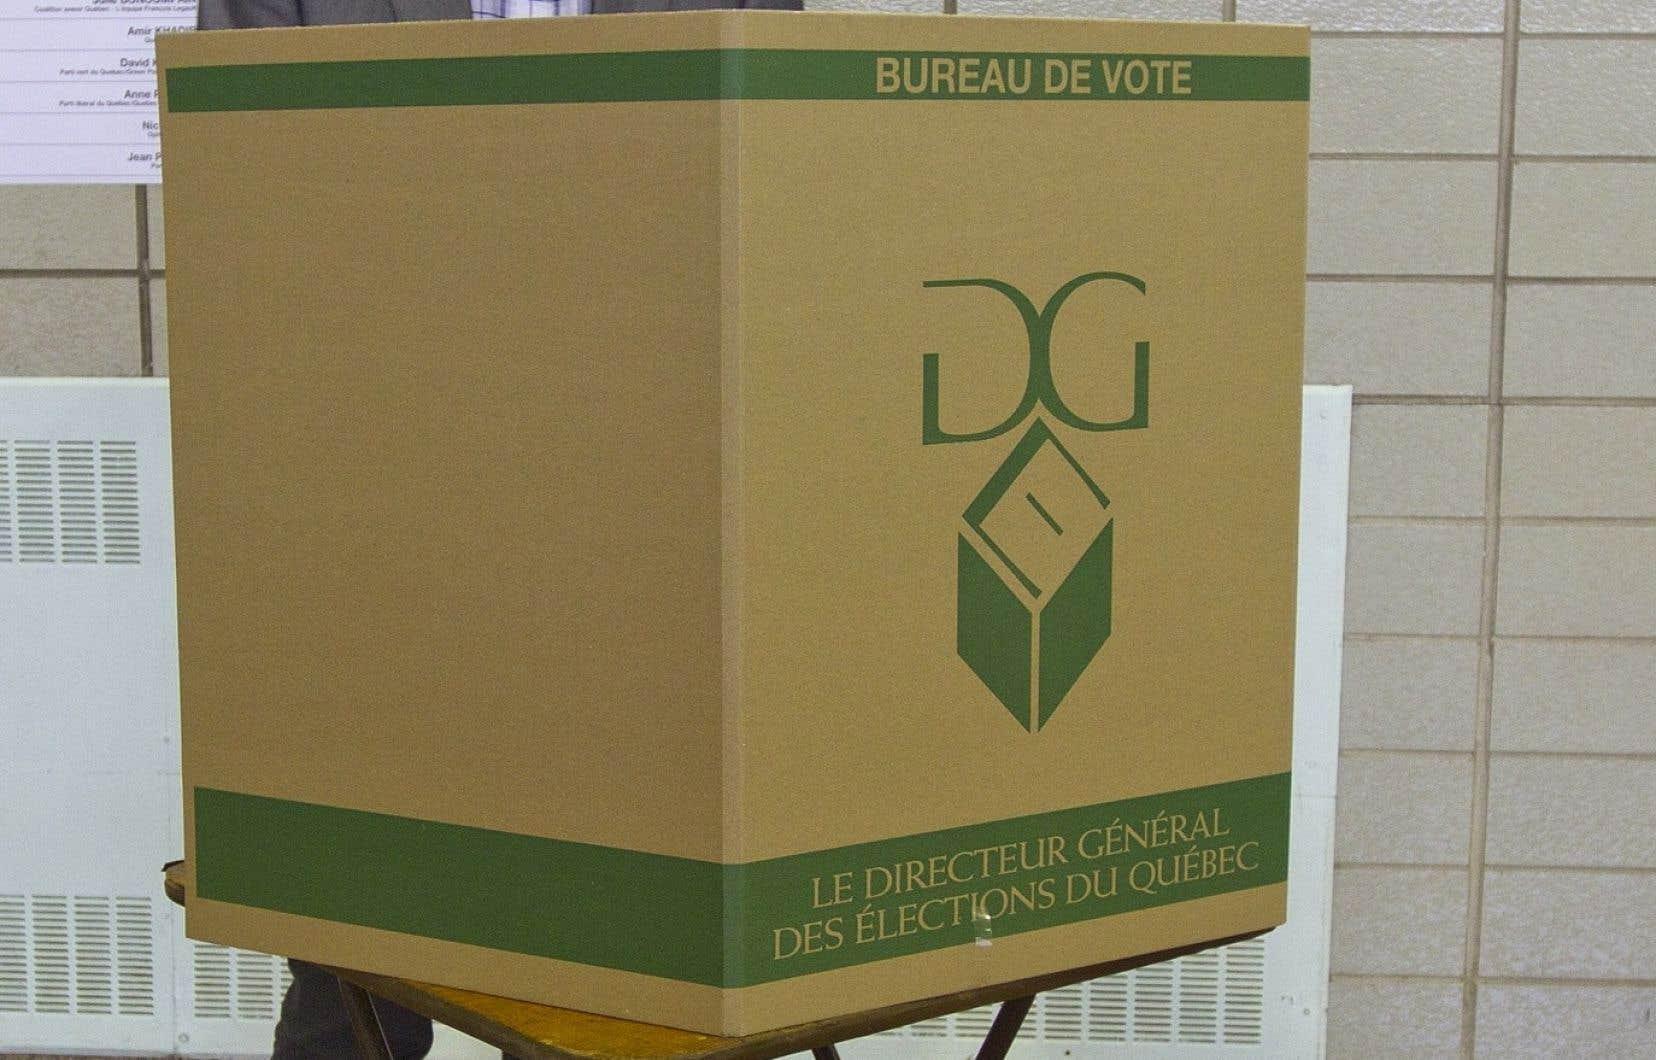 Pr te noms le dge pourrait r clamer des remboursements - Bureau du directeur general des elections ...